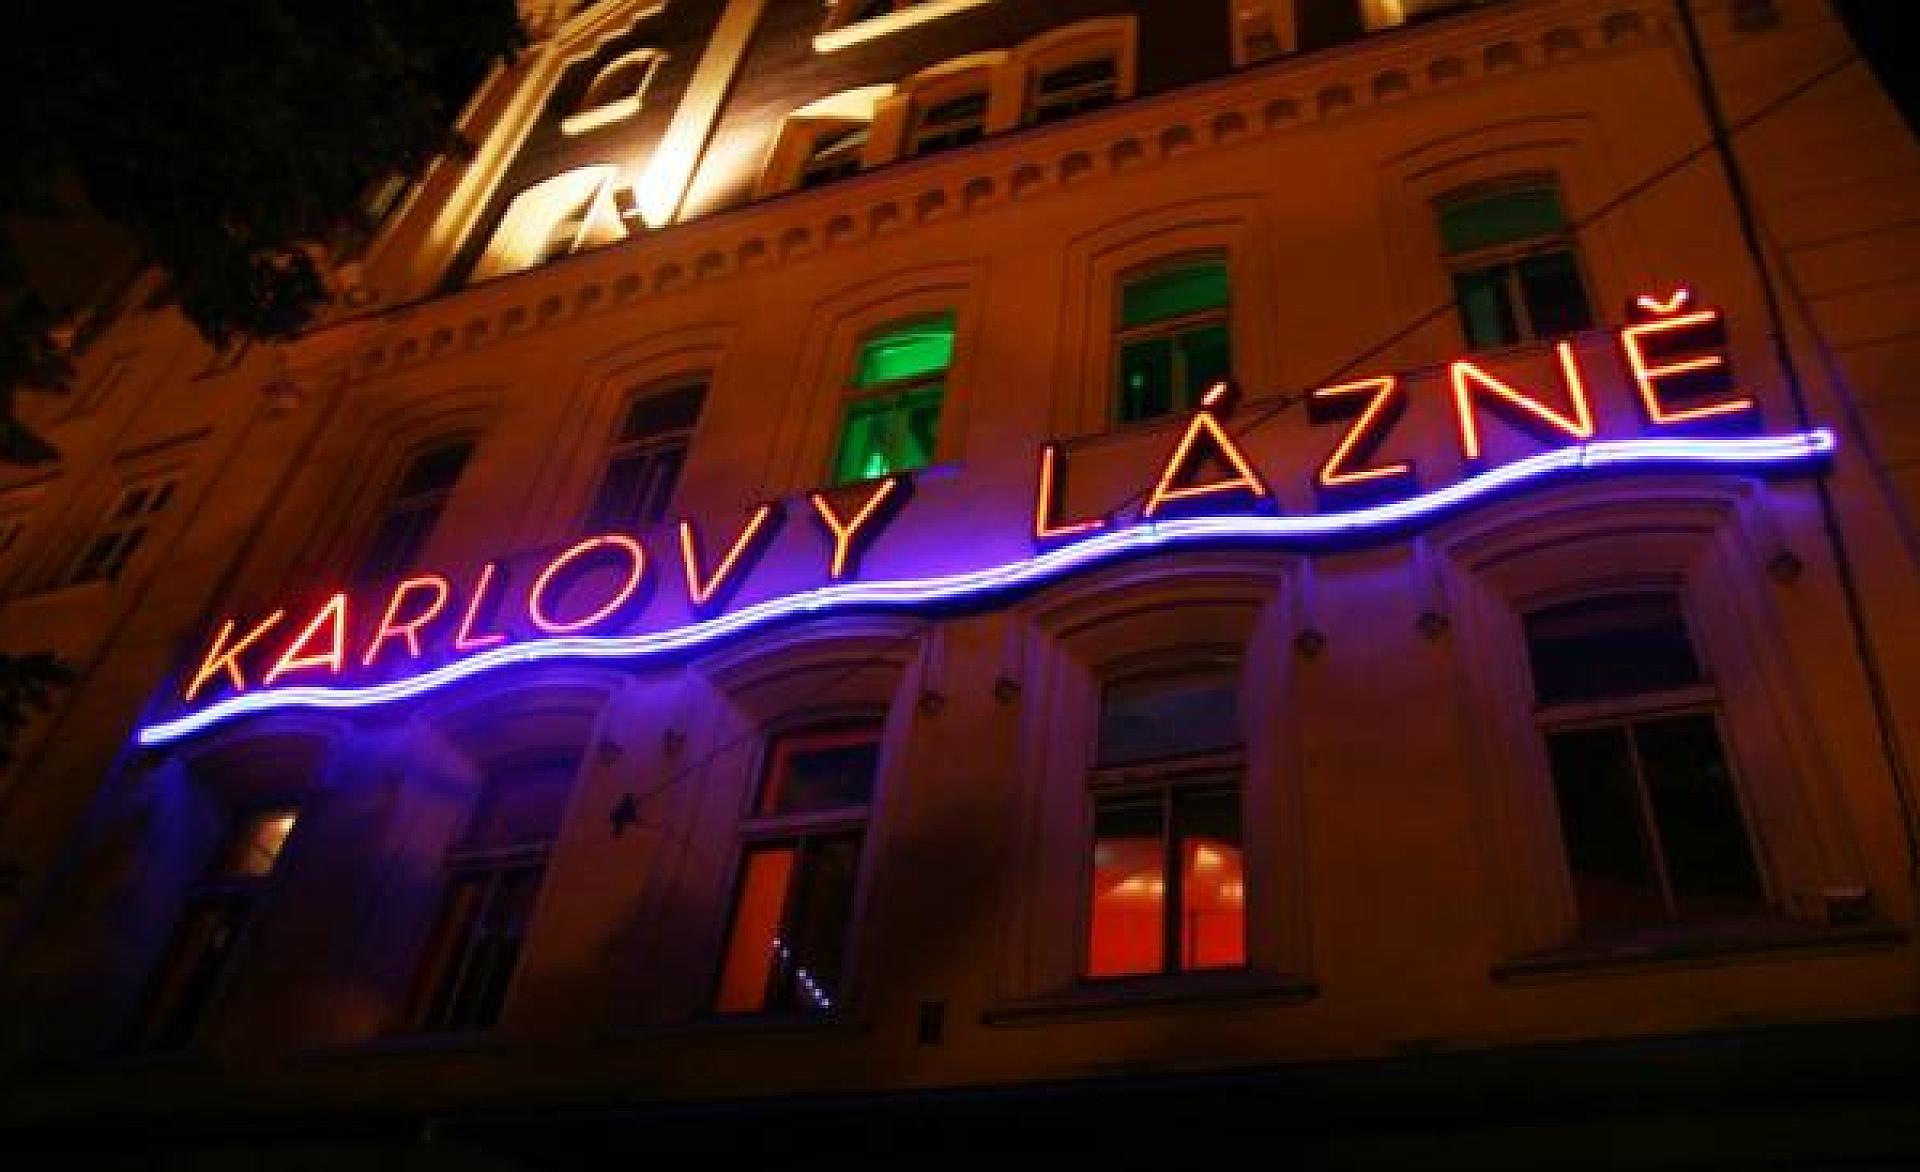 Karlovy Lázne nightclub,things to do in Prague